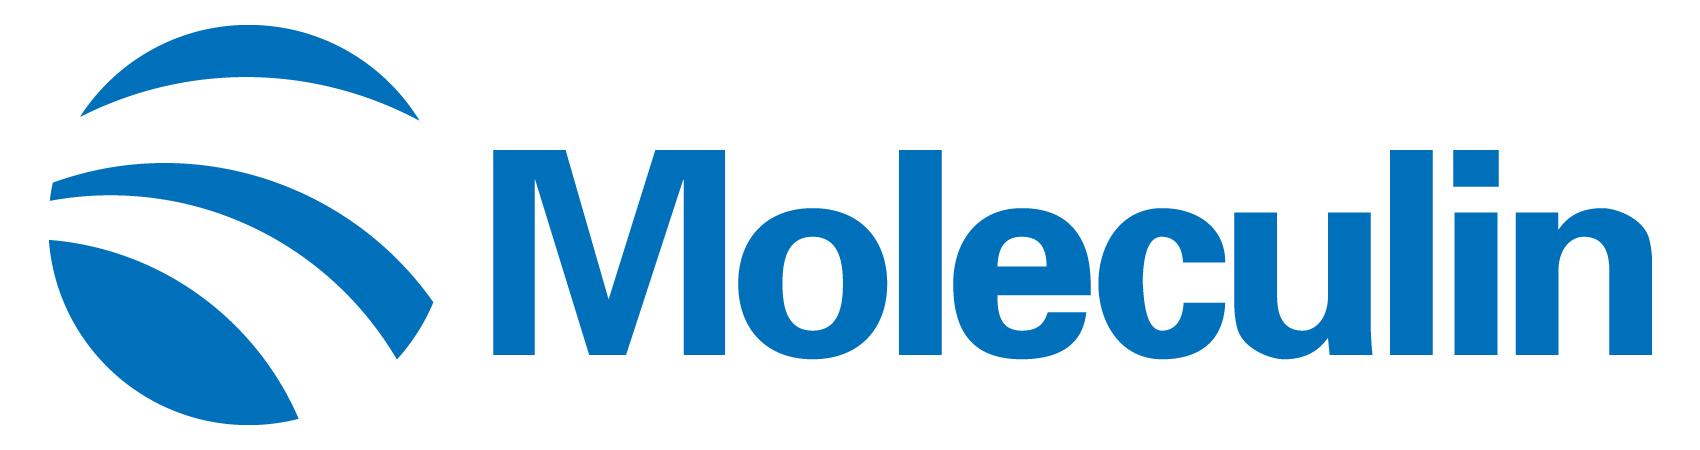 MOLECULIN-LOGO_HORIZA32.JPG